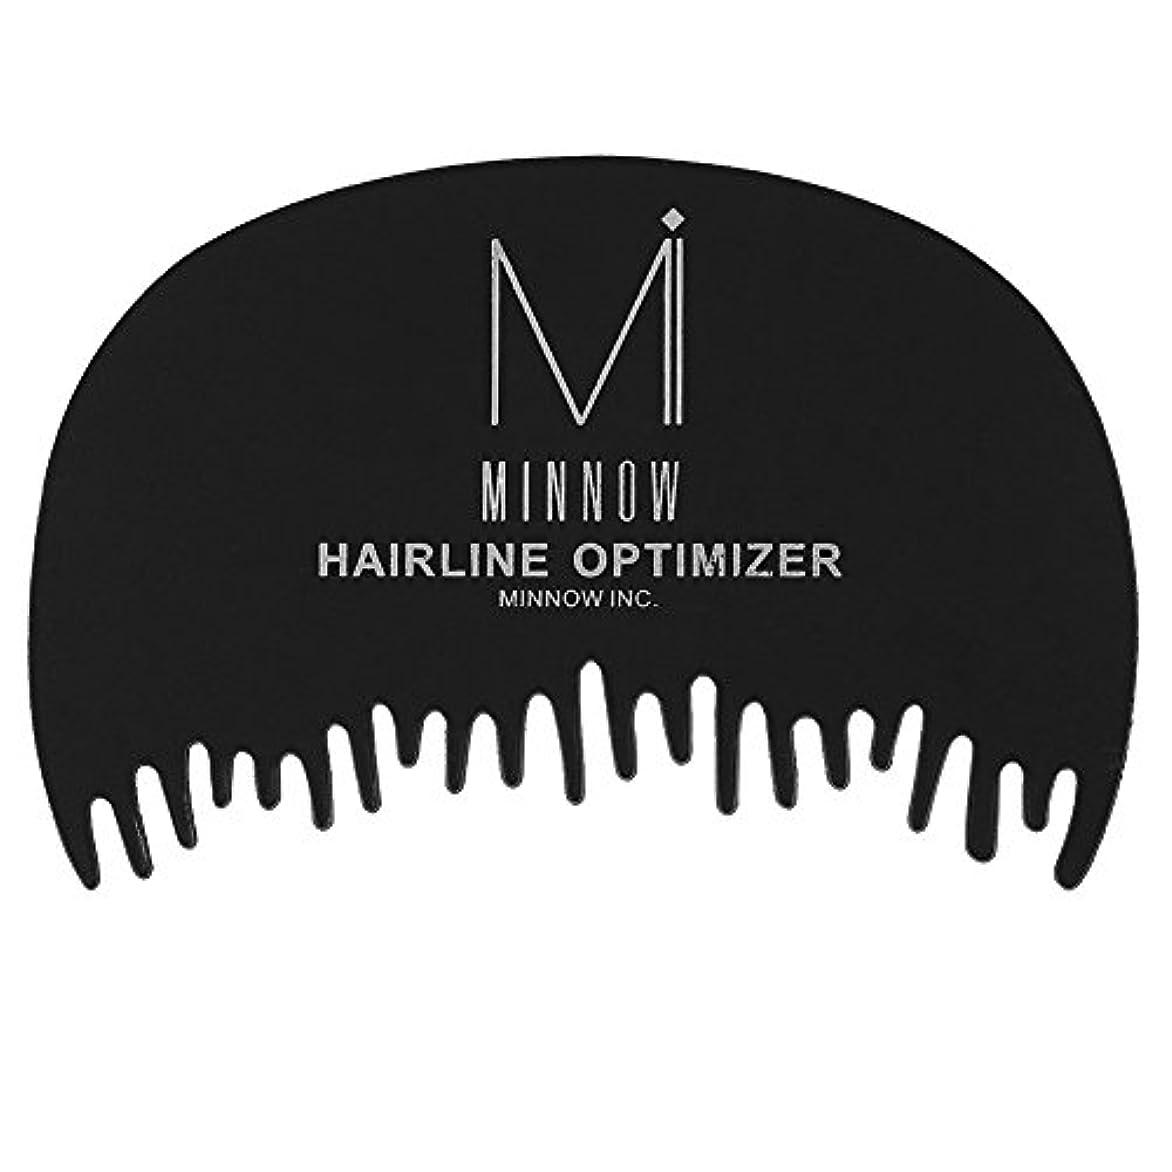 服嵐の甥ヘアラインコーム、ヘアドレッサー細い毛繊維の前髪ヘアラインオプティマイザーフィルムプラスチック専用コーム、プロフェッショナルビューティーサロン製品アクセサリー